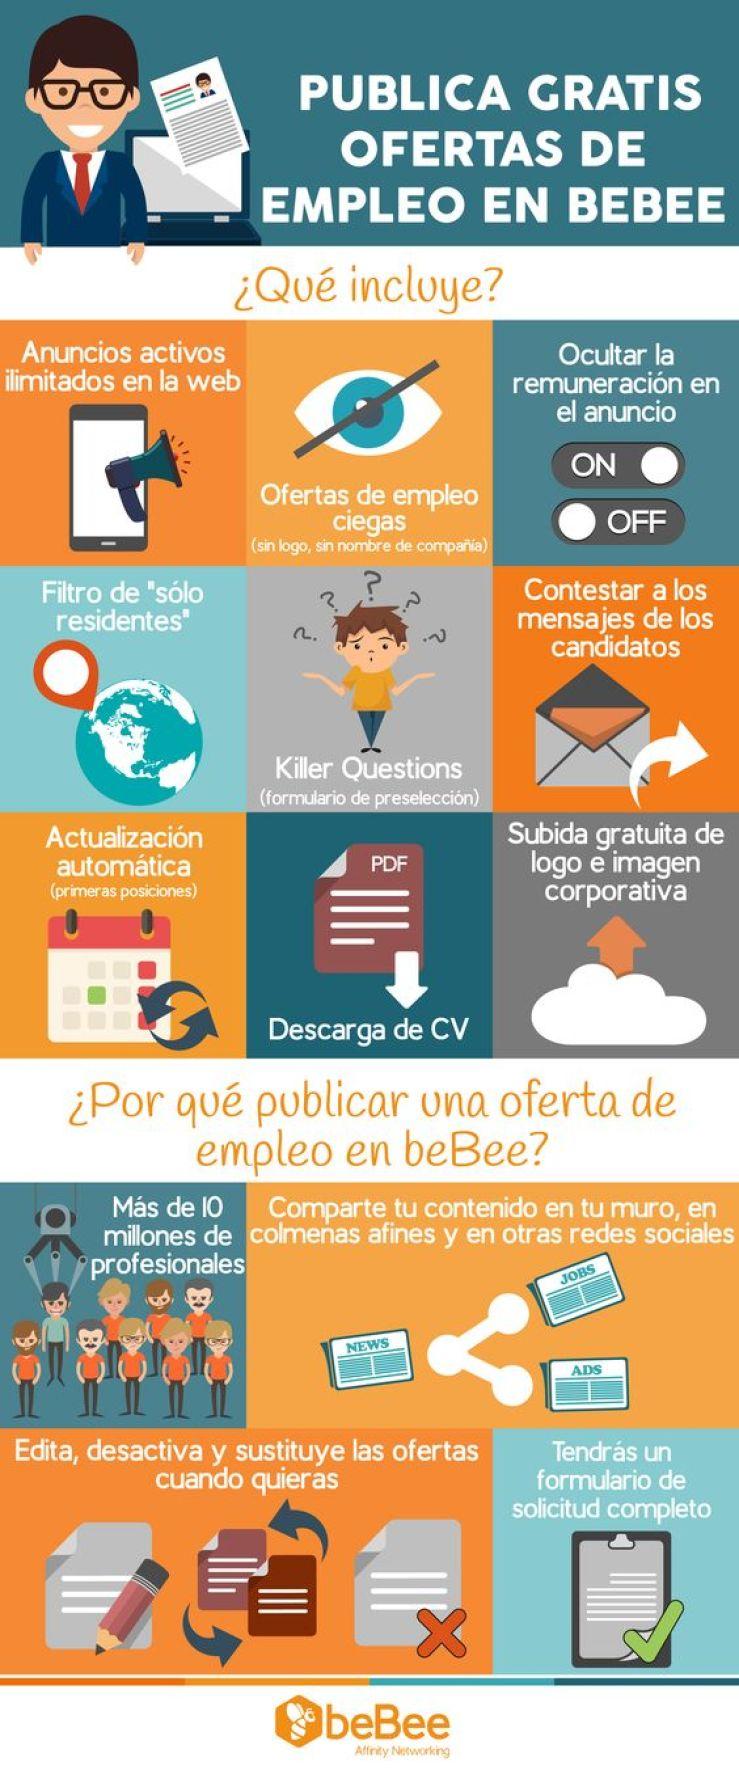 Publica gratis ofertas de trabajo en BeBee